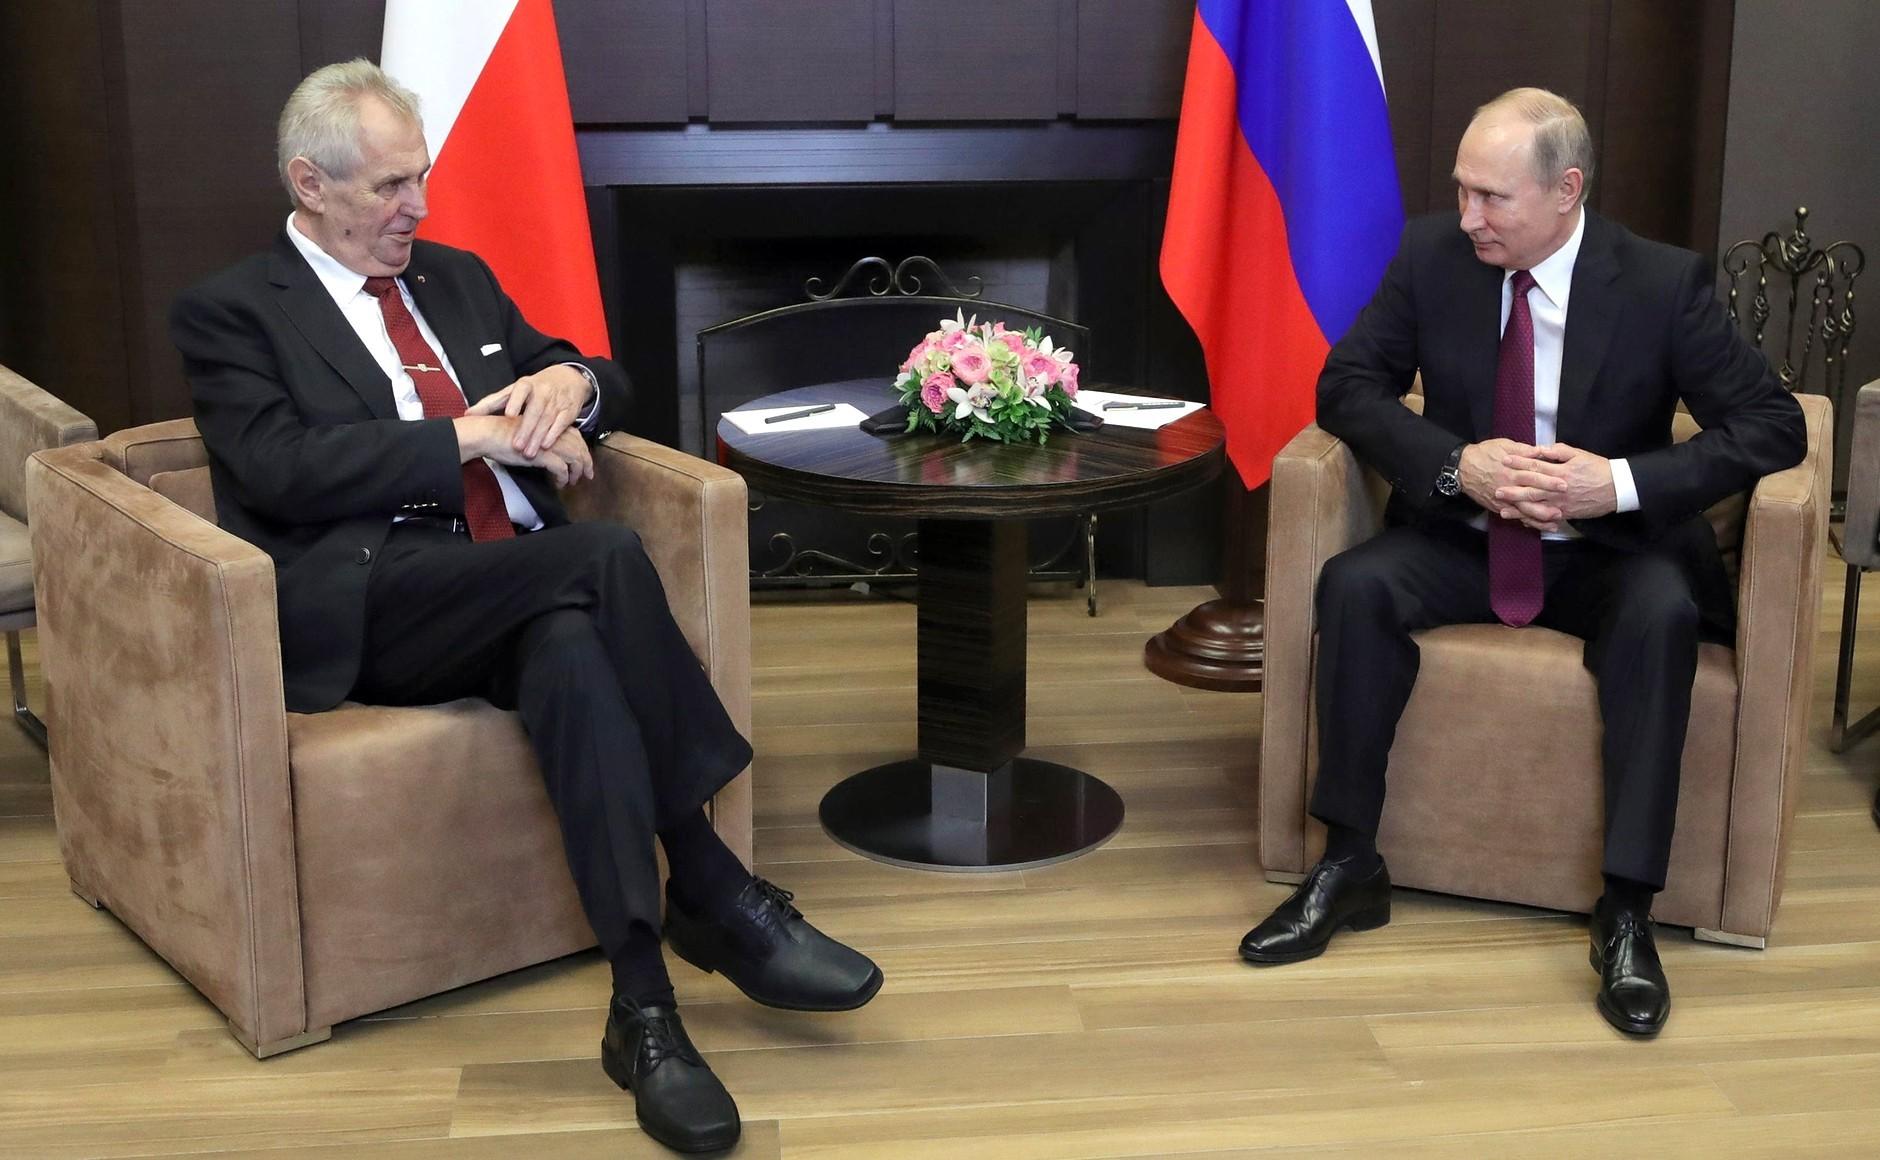 Sabotaż GRU w Czechach. Prezydent Zeman sprzyja Moskwie